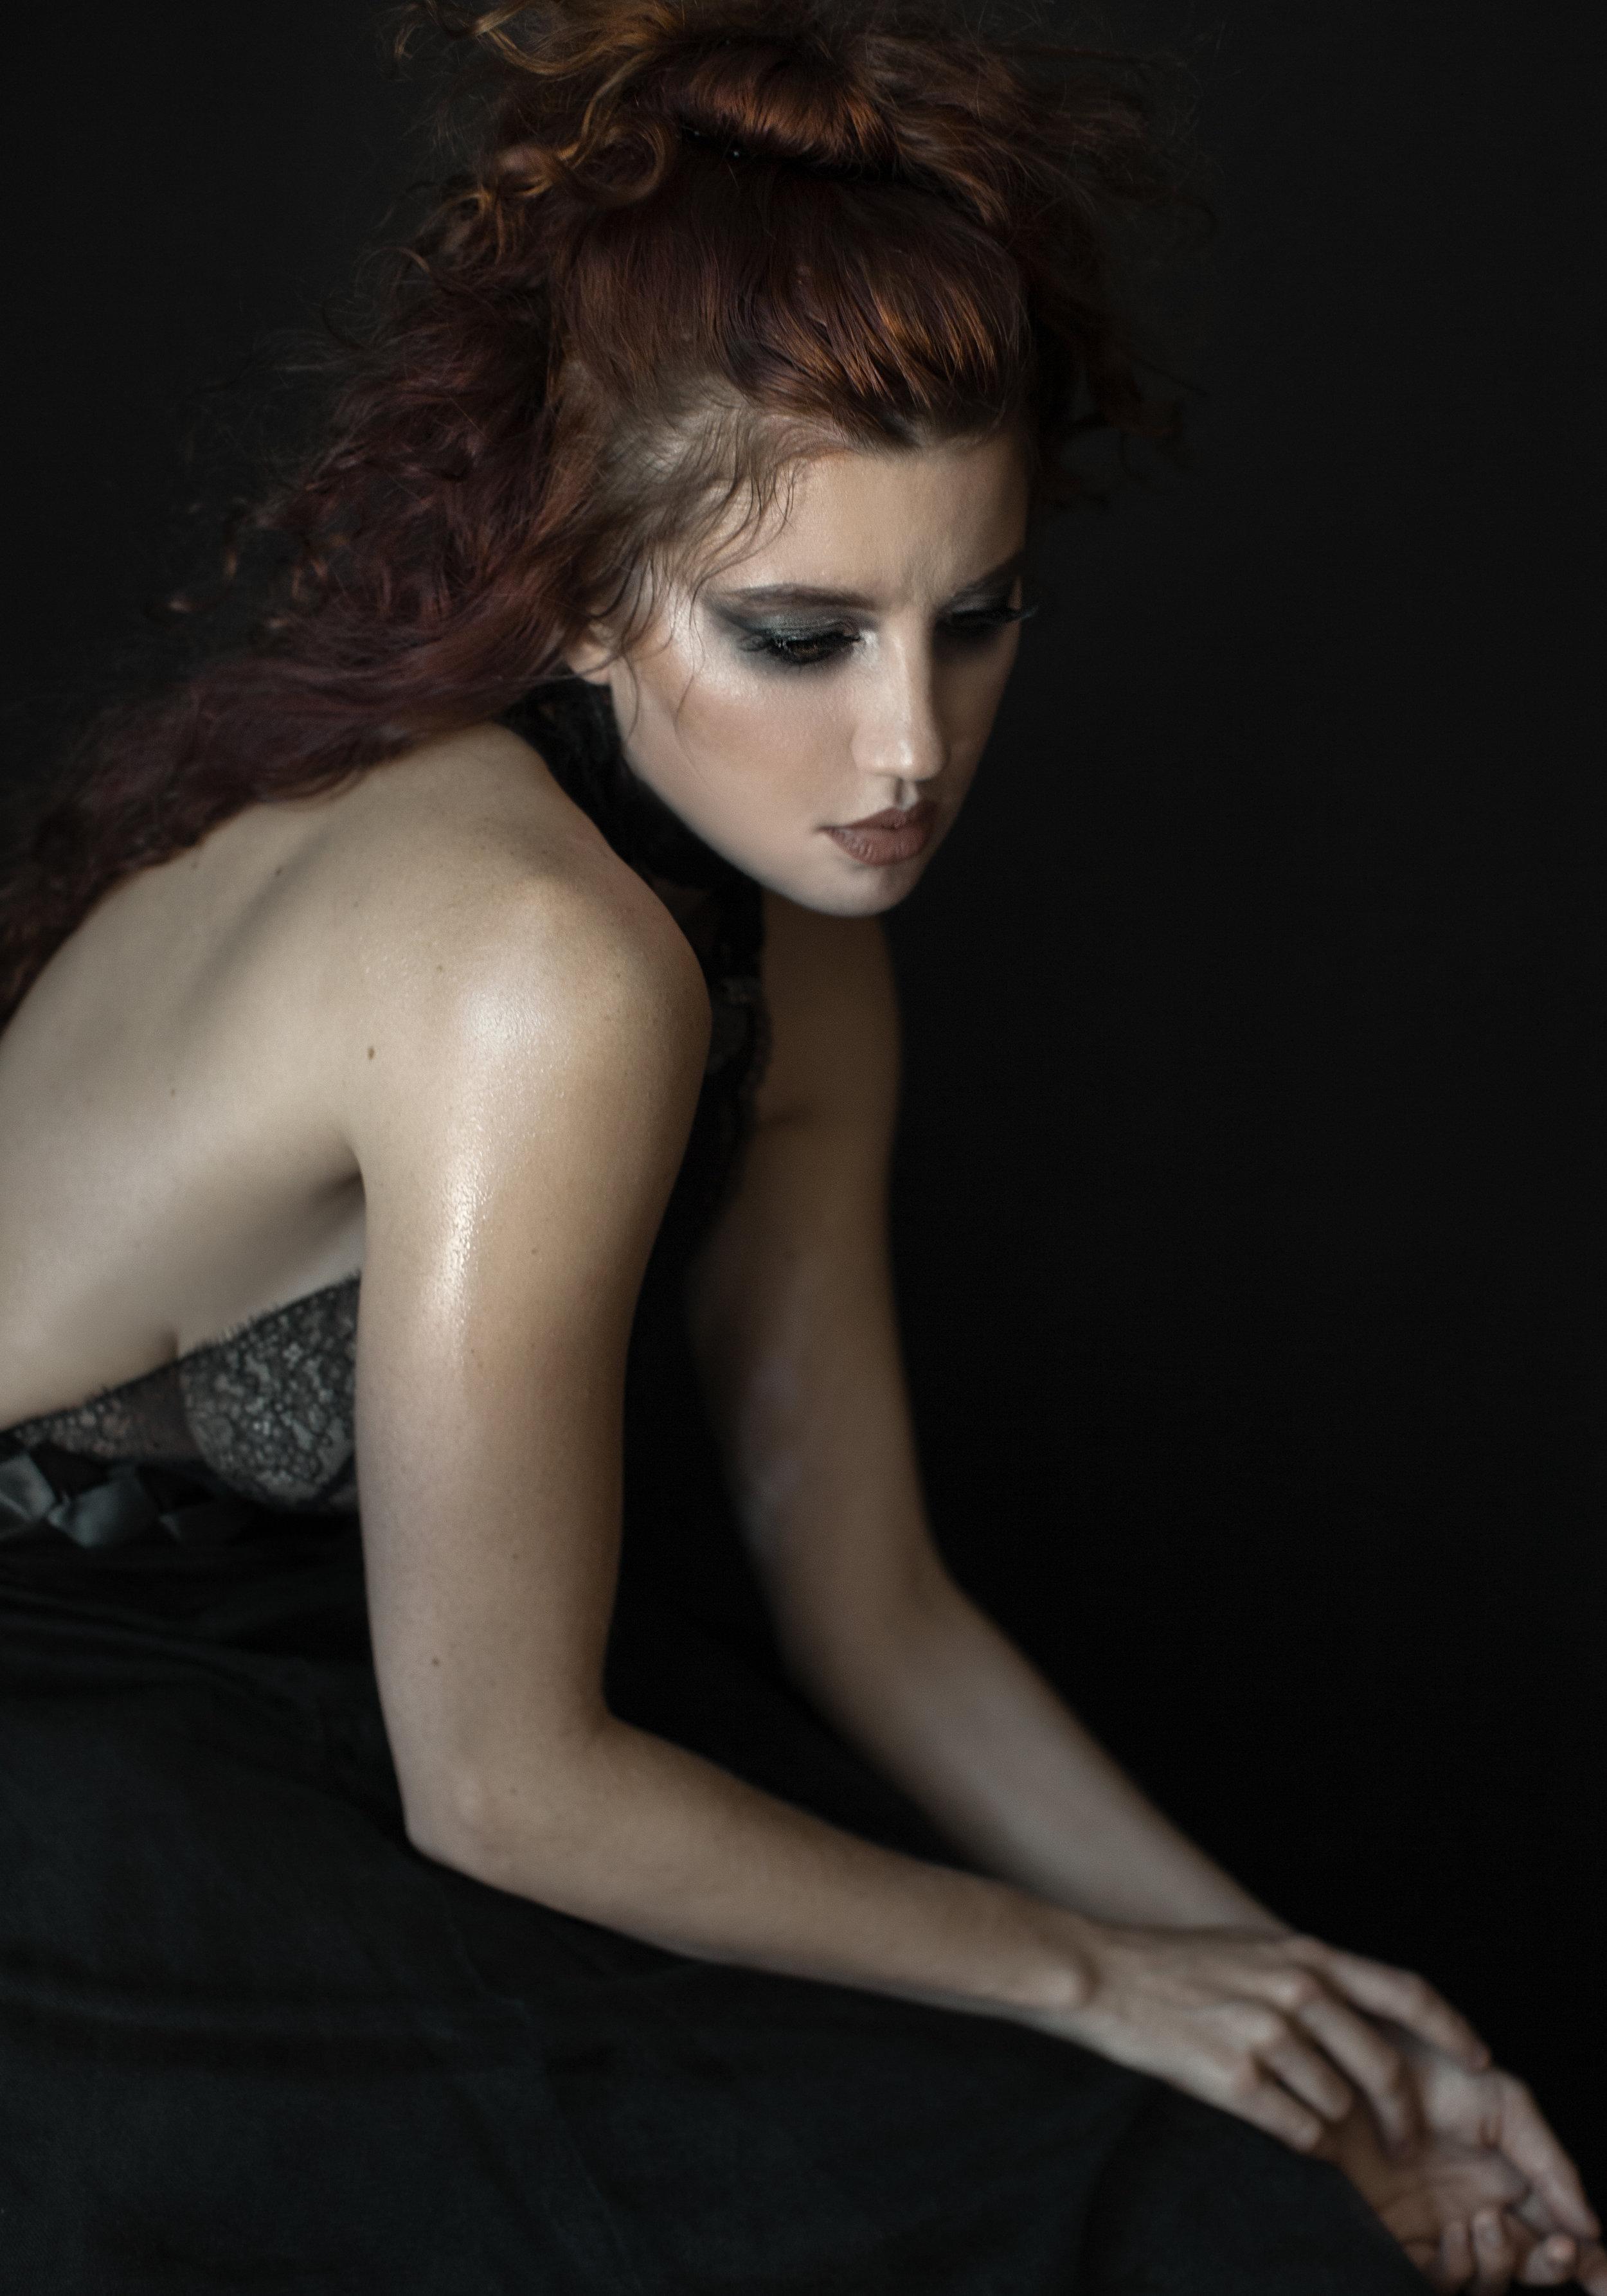 Art nude photoshoots Victoria